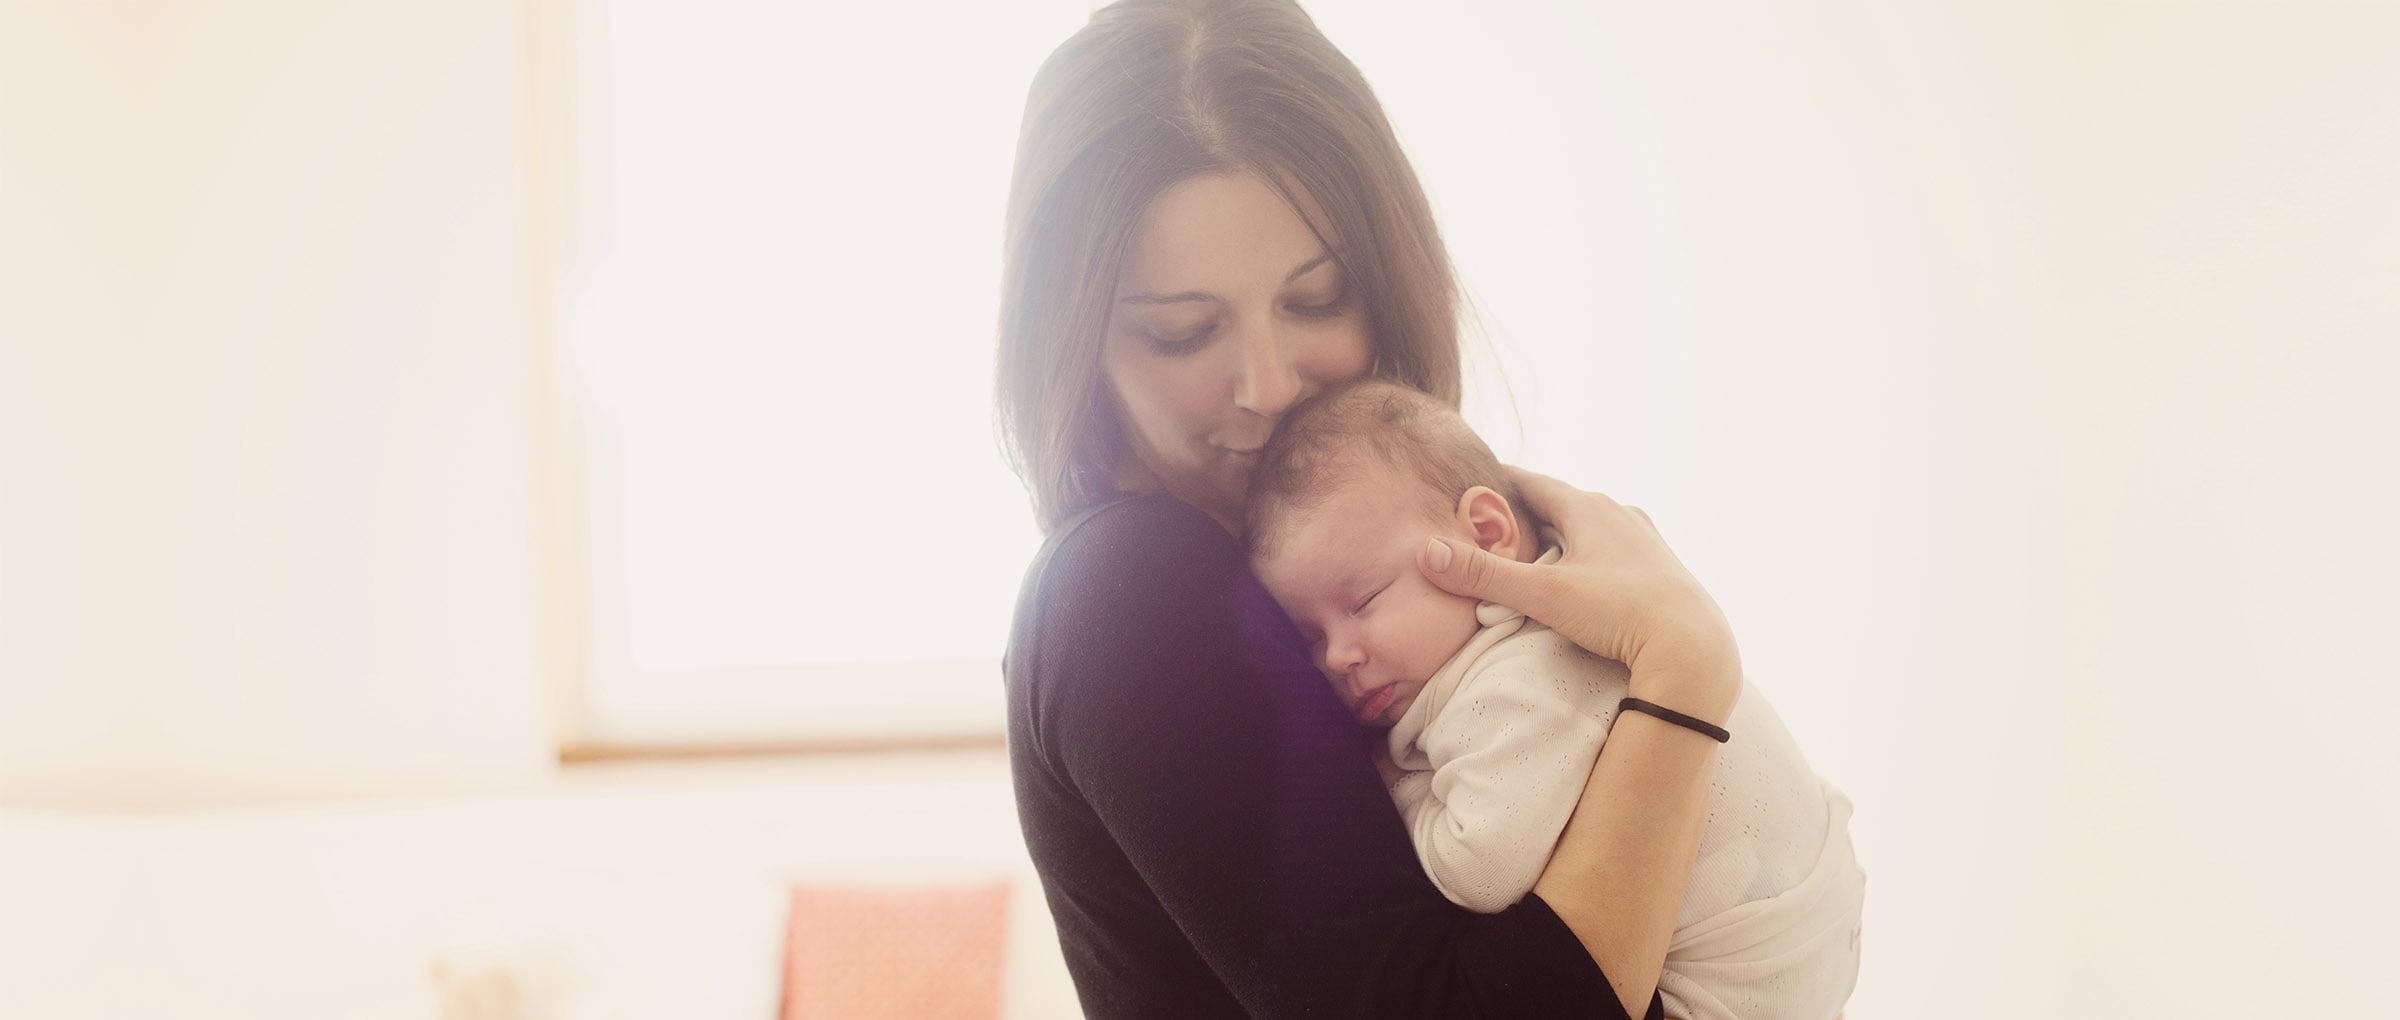 Volver a casa tras el nacimiento